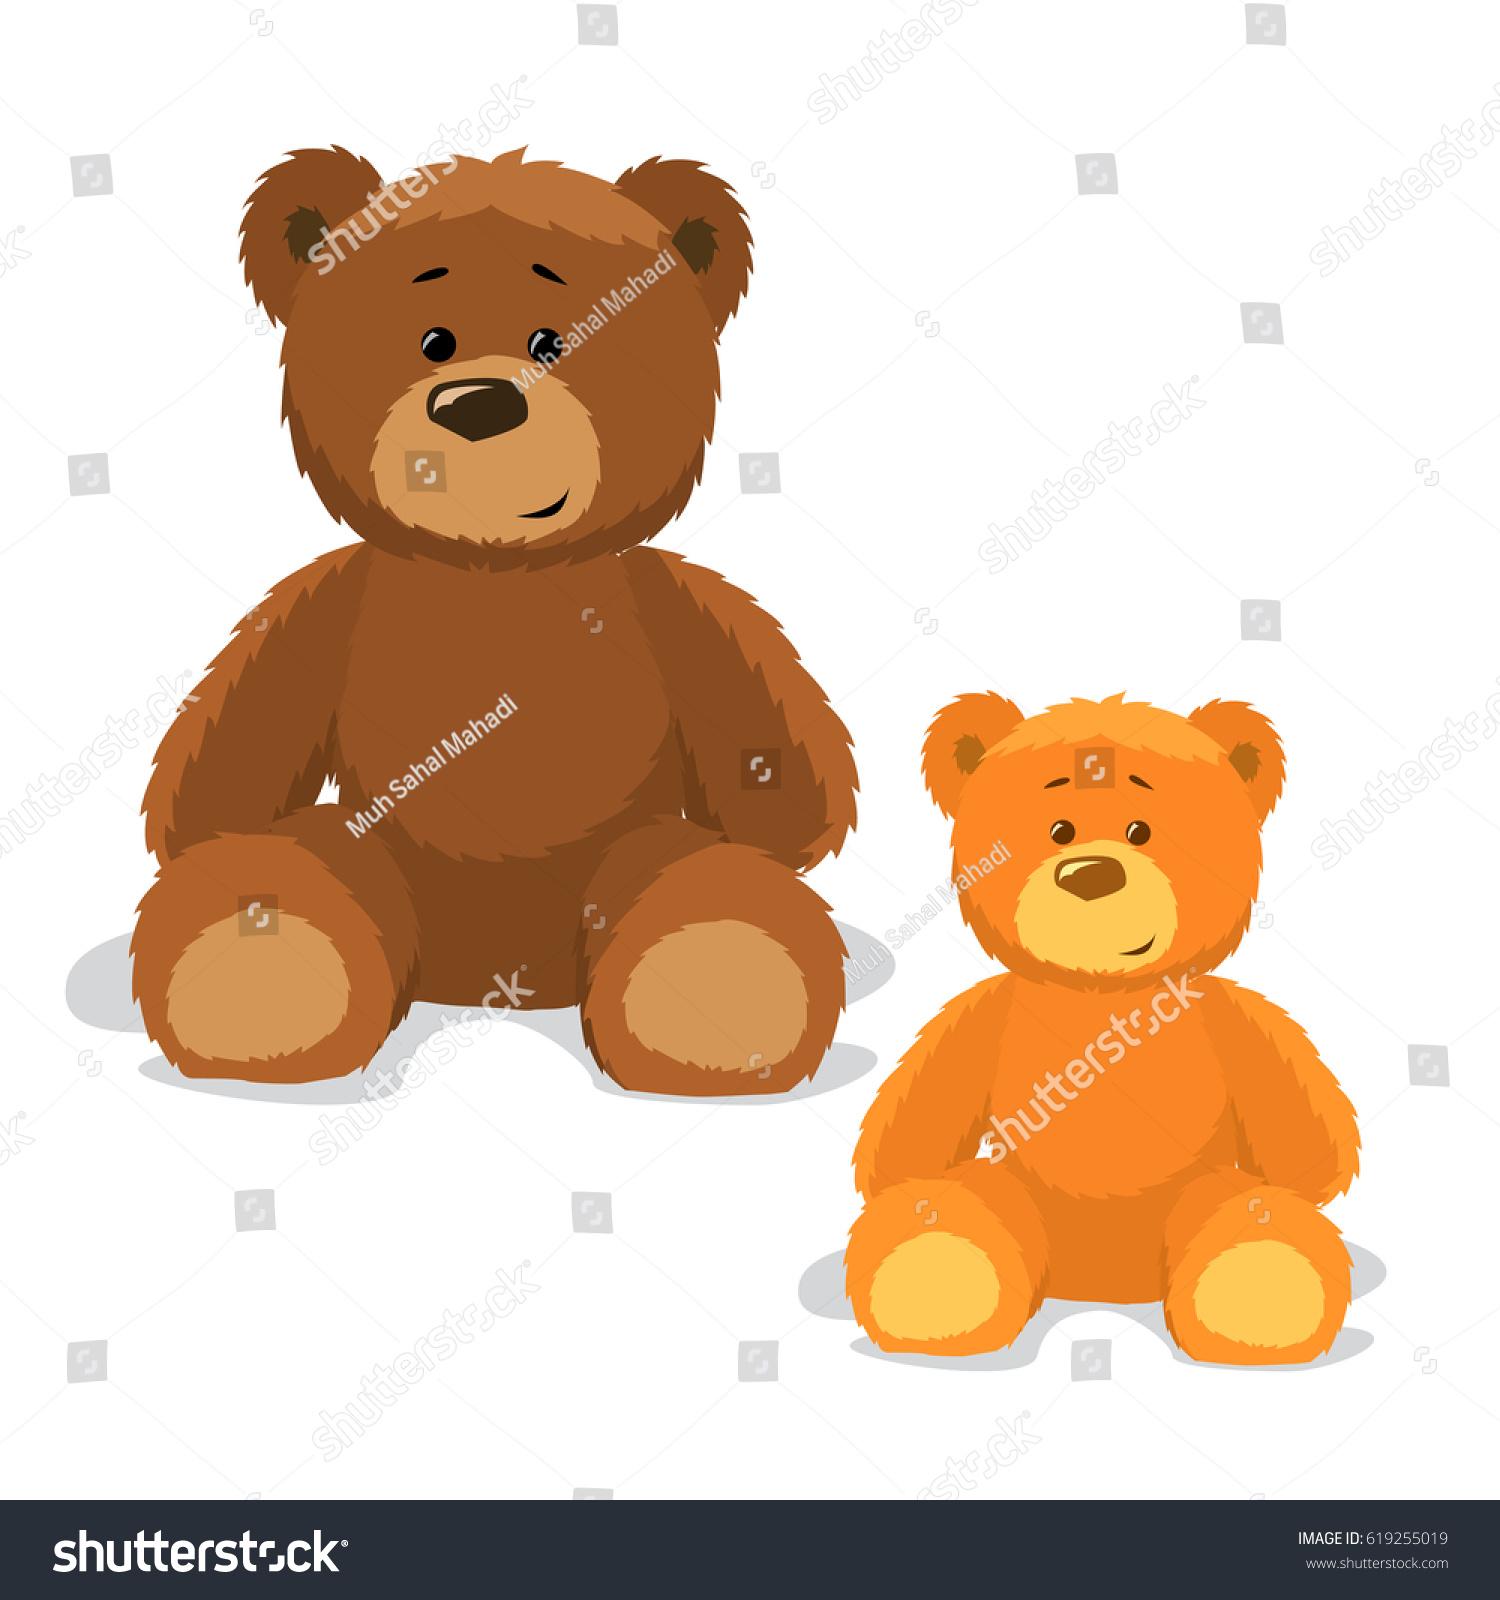 Captivating teddy bear vector photos